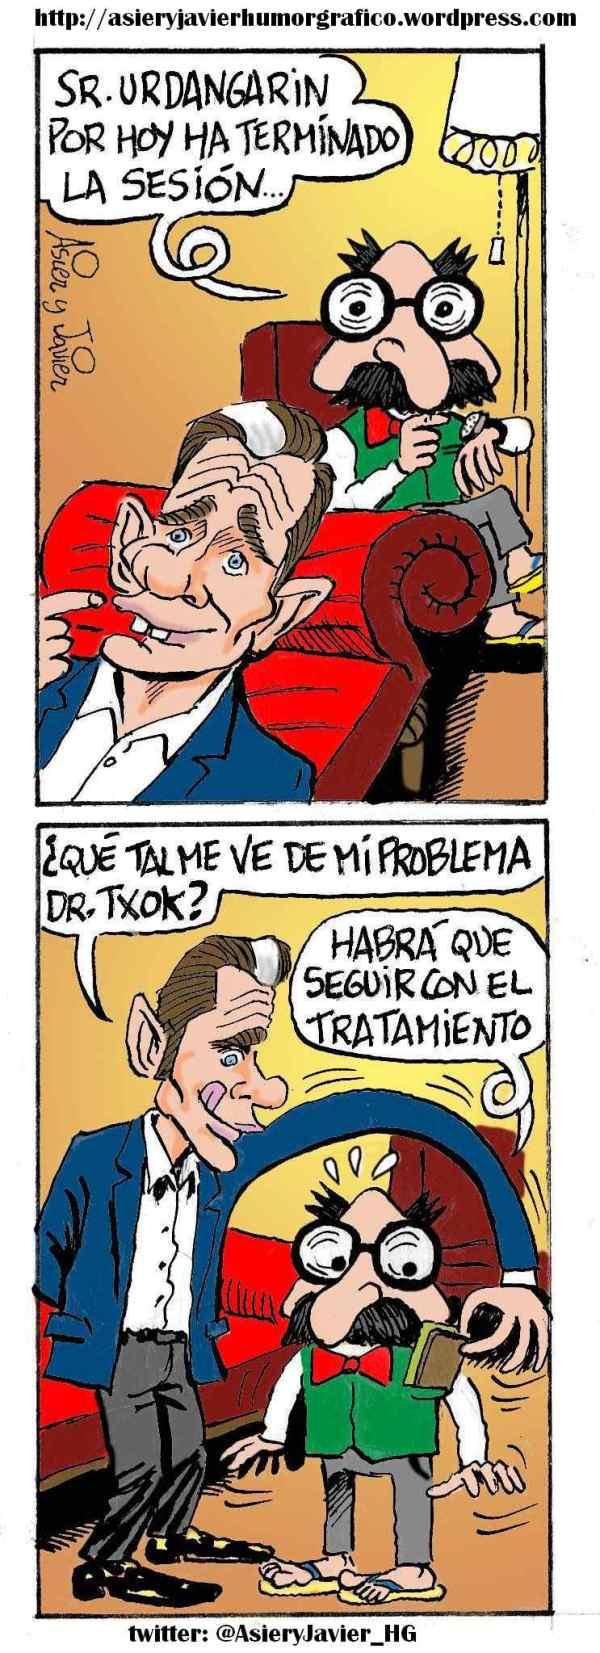 Urdangarin y el Doctor Txok, Palma Arena, Nóos, Cristina, Borbón, Corrupción